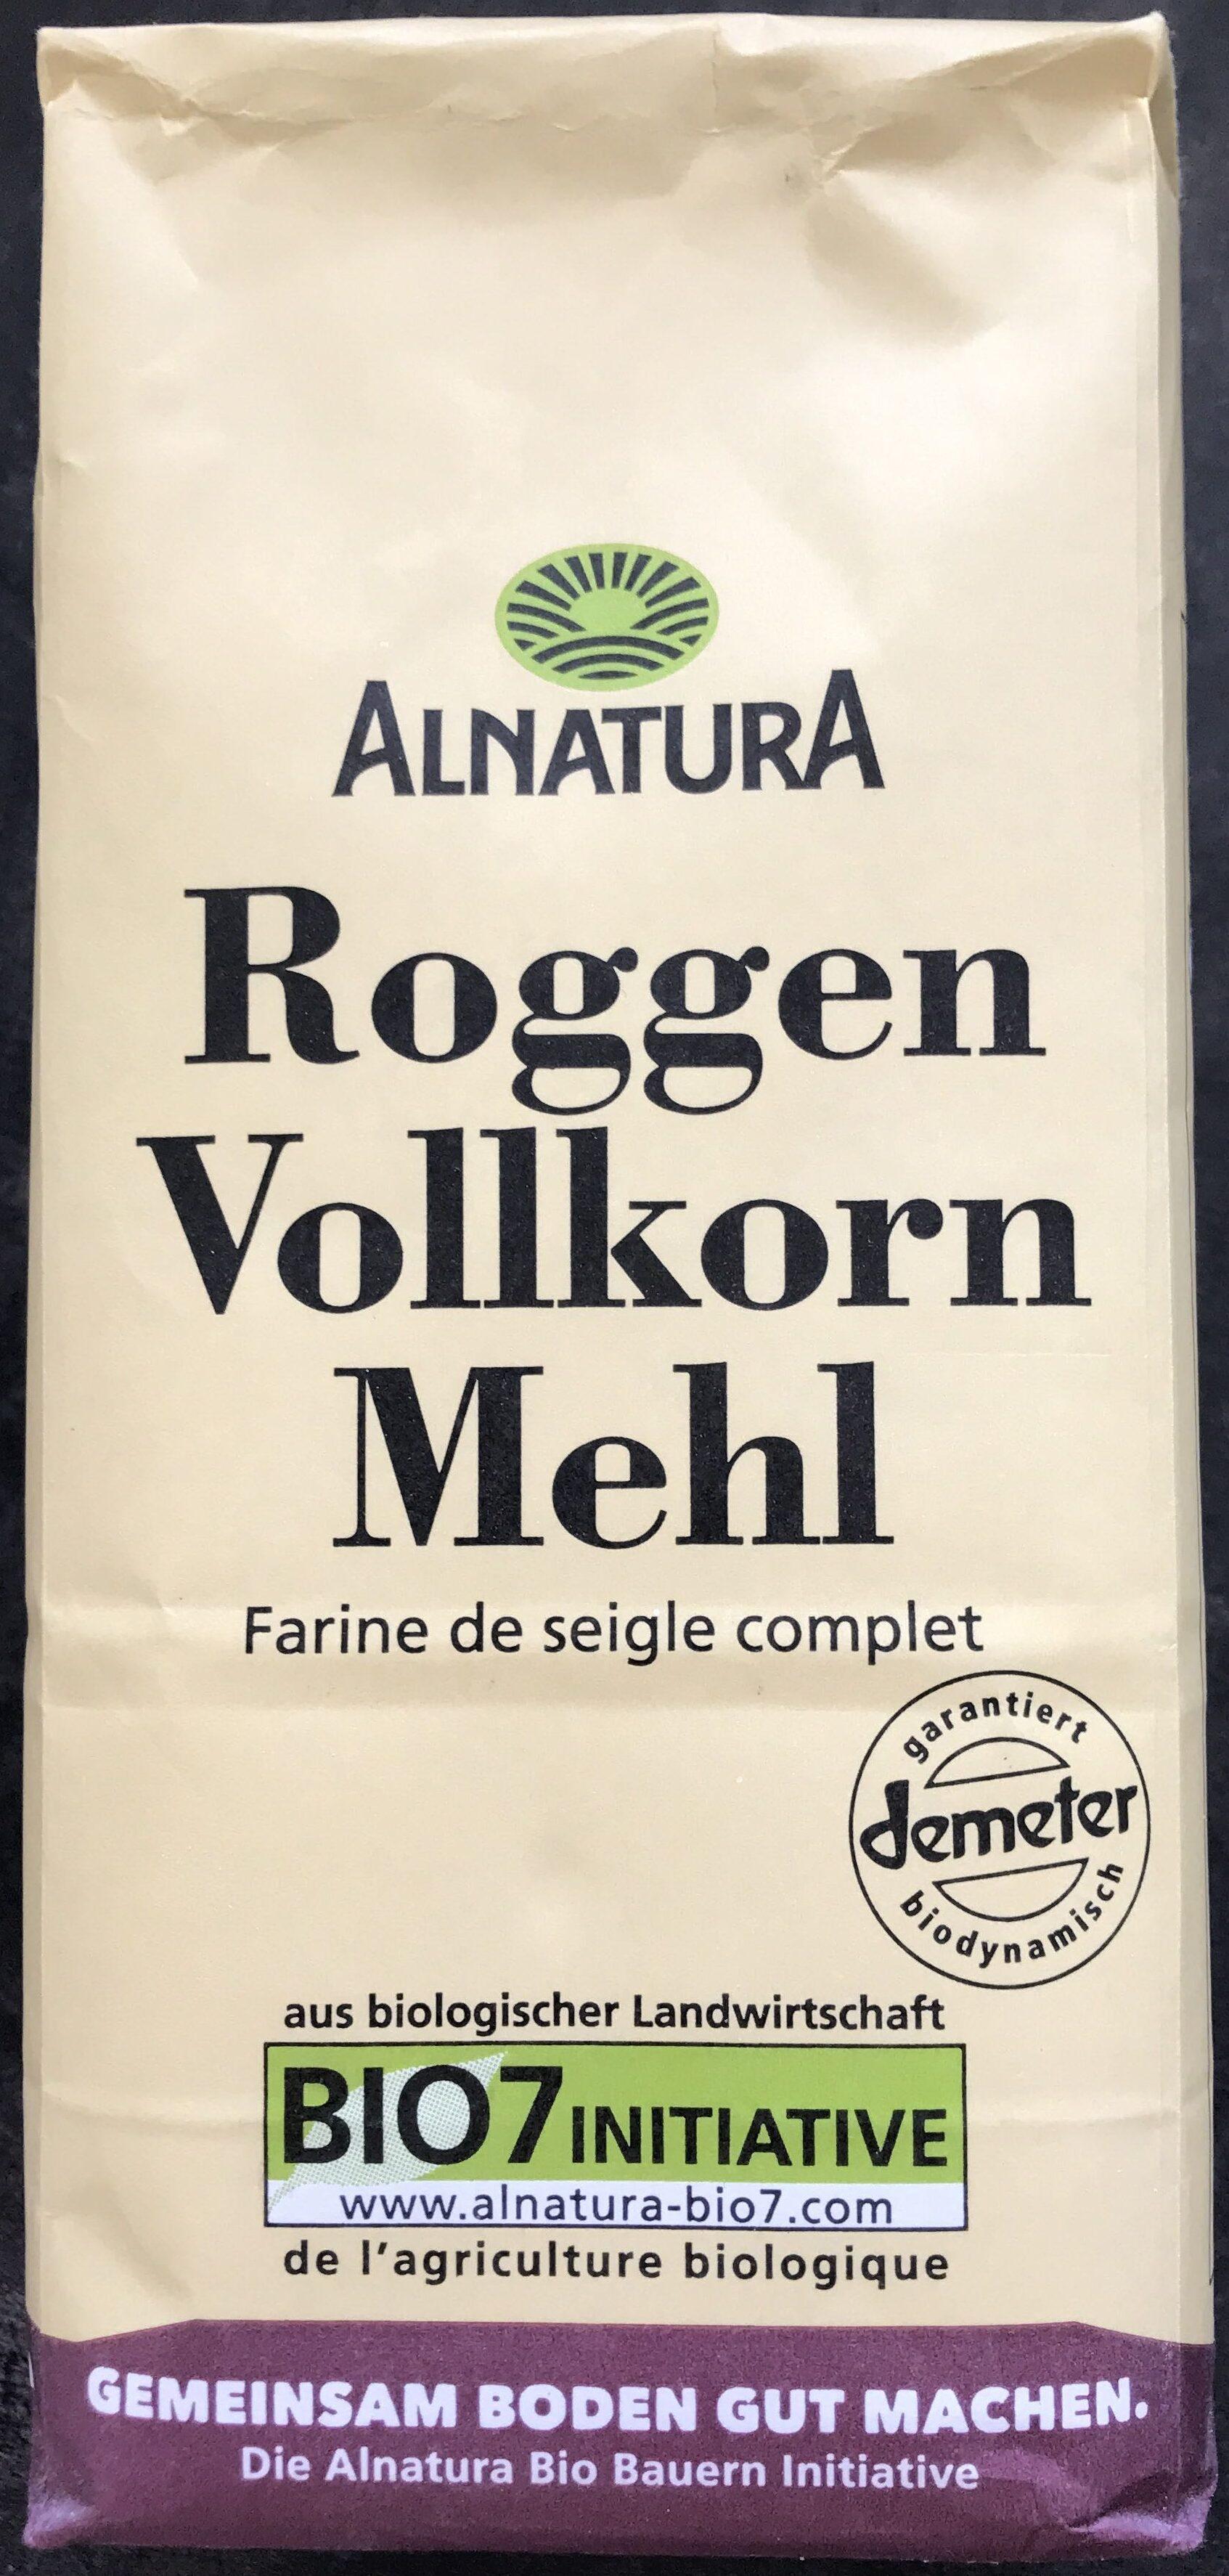 Roggen Vollkorn Mehl - Product